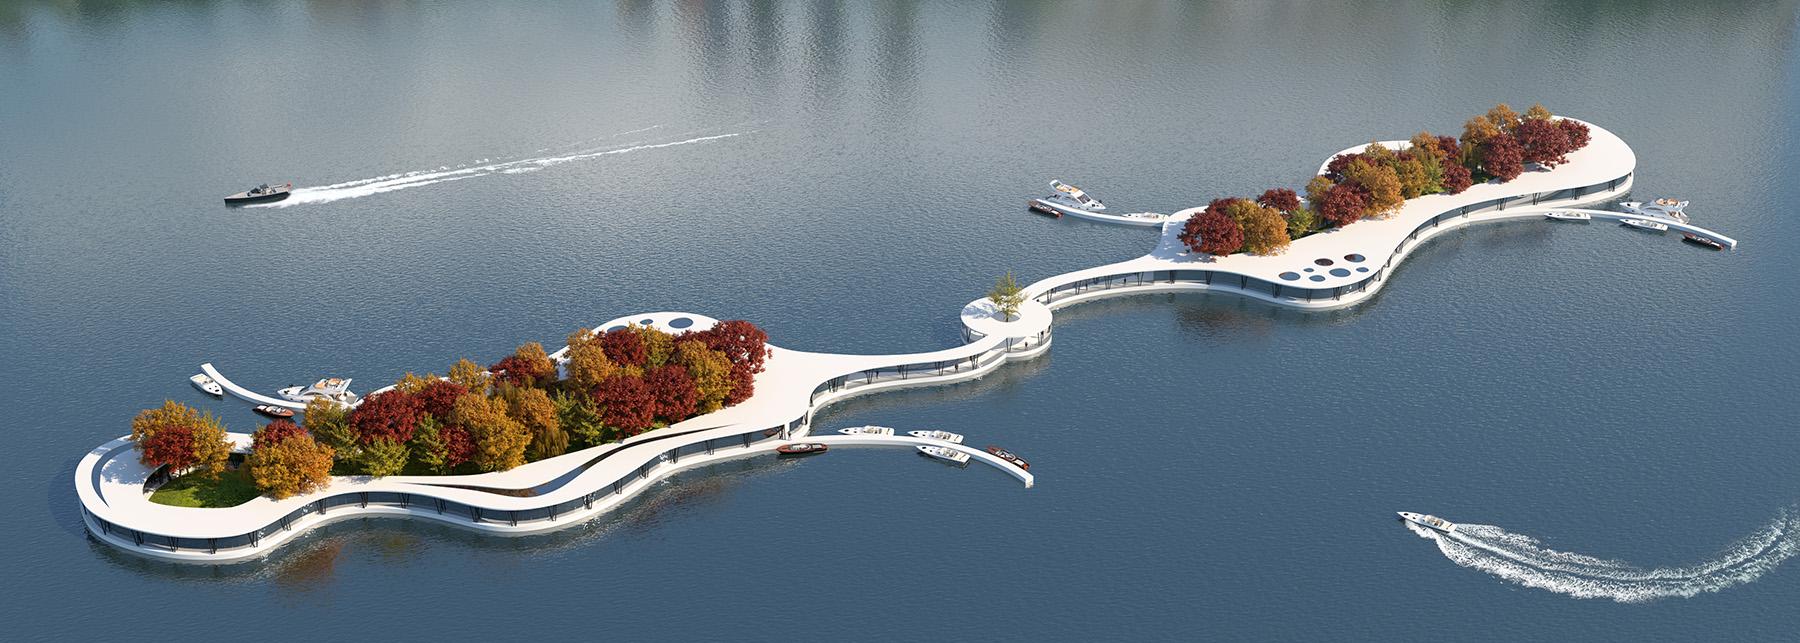 Станислав Жуйков: Строительство зданий на воде – условие для устойчивого развития